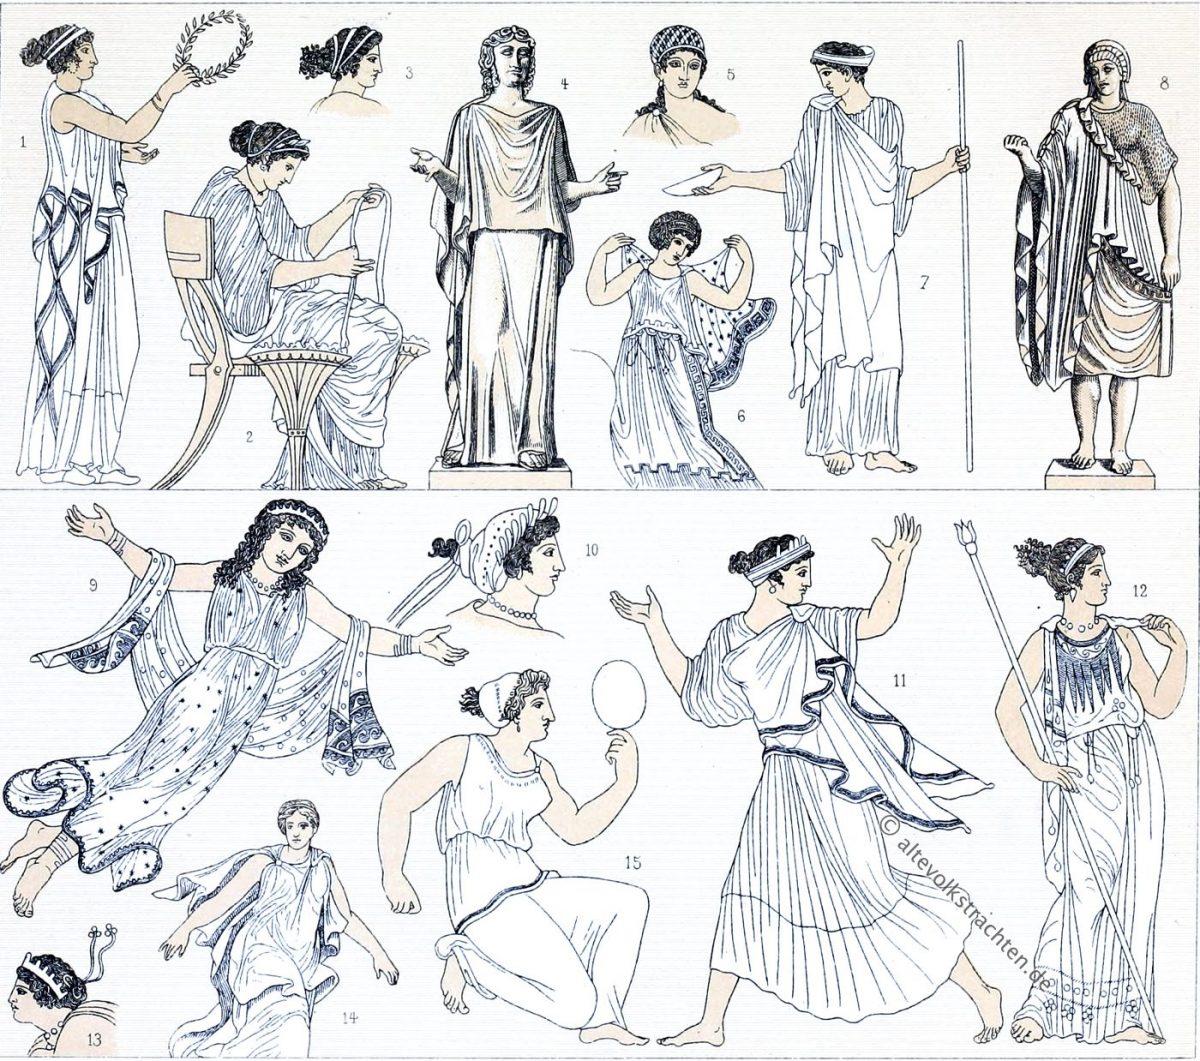 Chiton, Strophion, Antike, Frauentrachten, Griechenland, Auguste Racinet, Kostümgeschichte, Modegeschichte